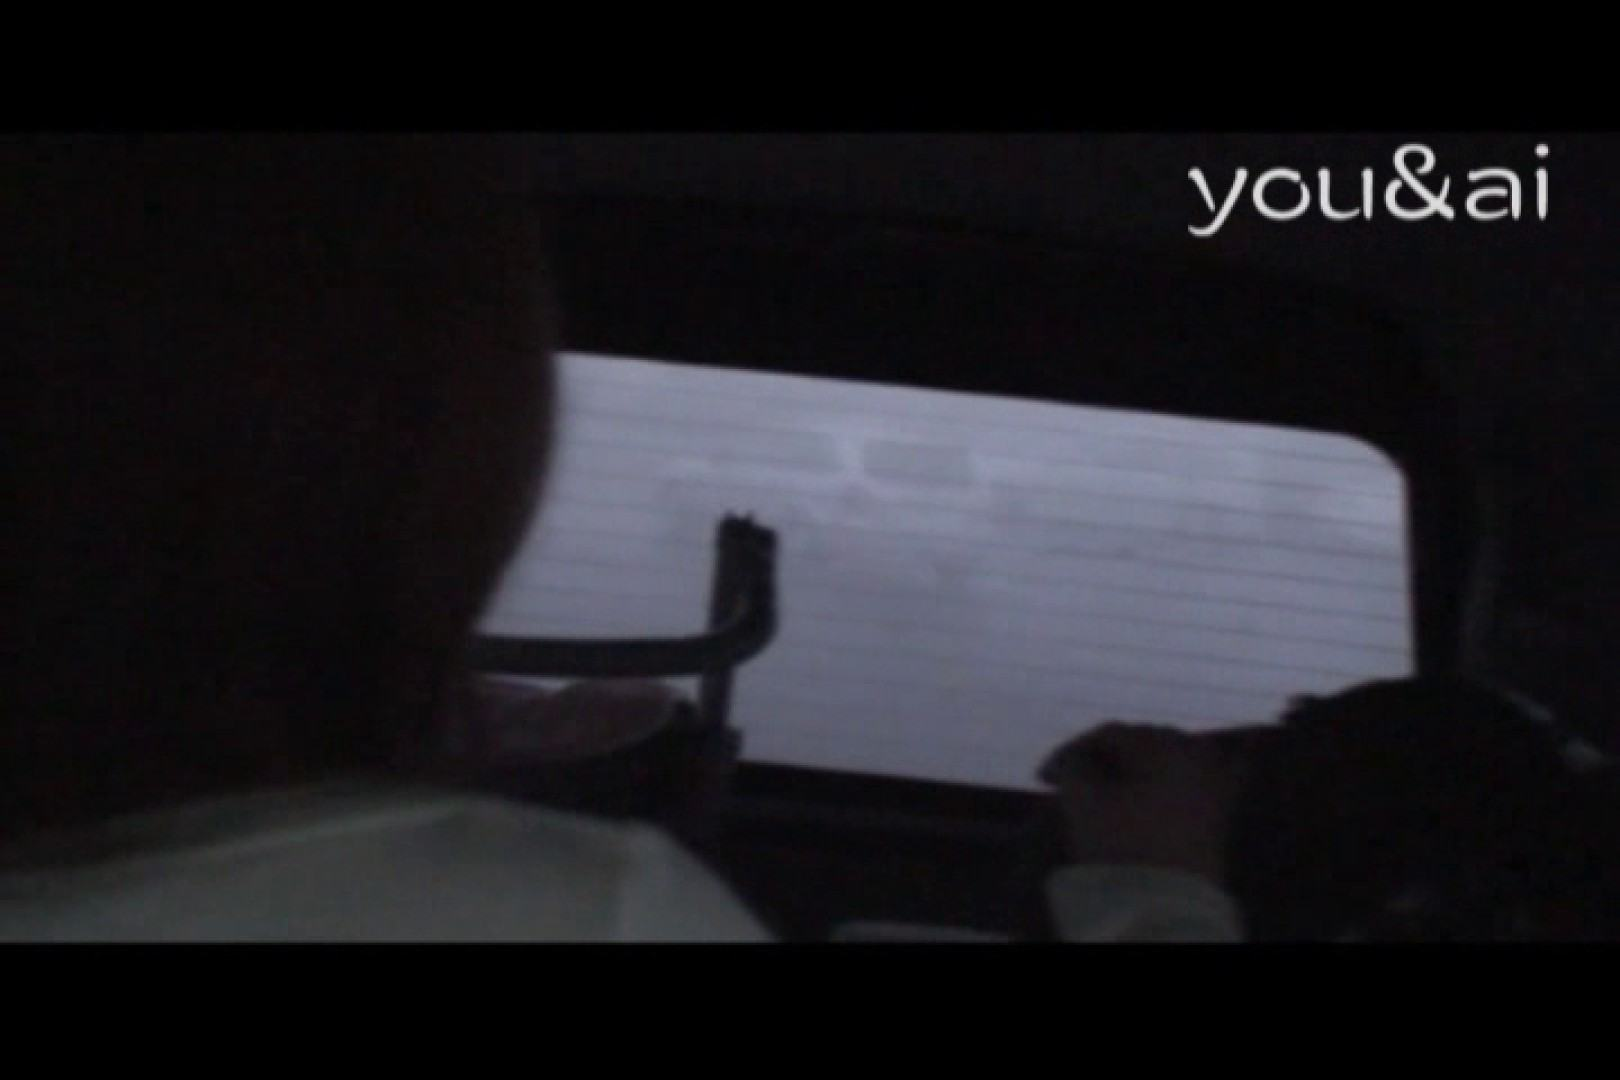 おしどり夫婦のyou&aiさん投稿作品vol.8 車でセックス  62pic 8